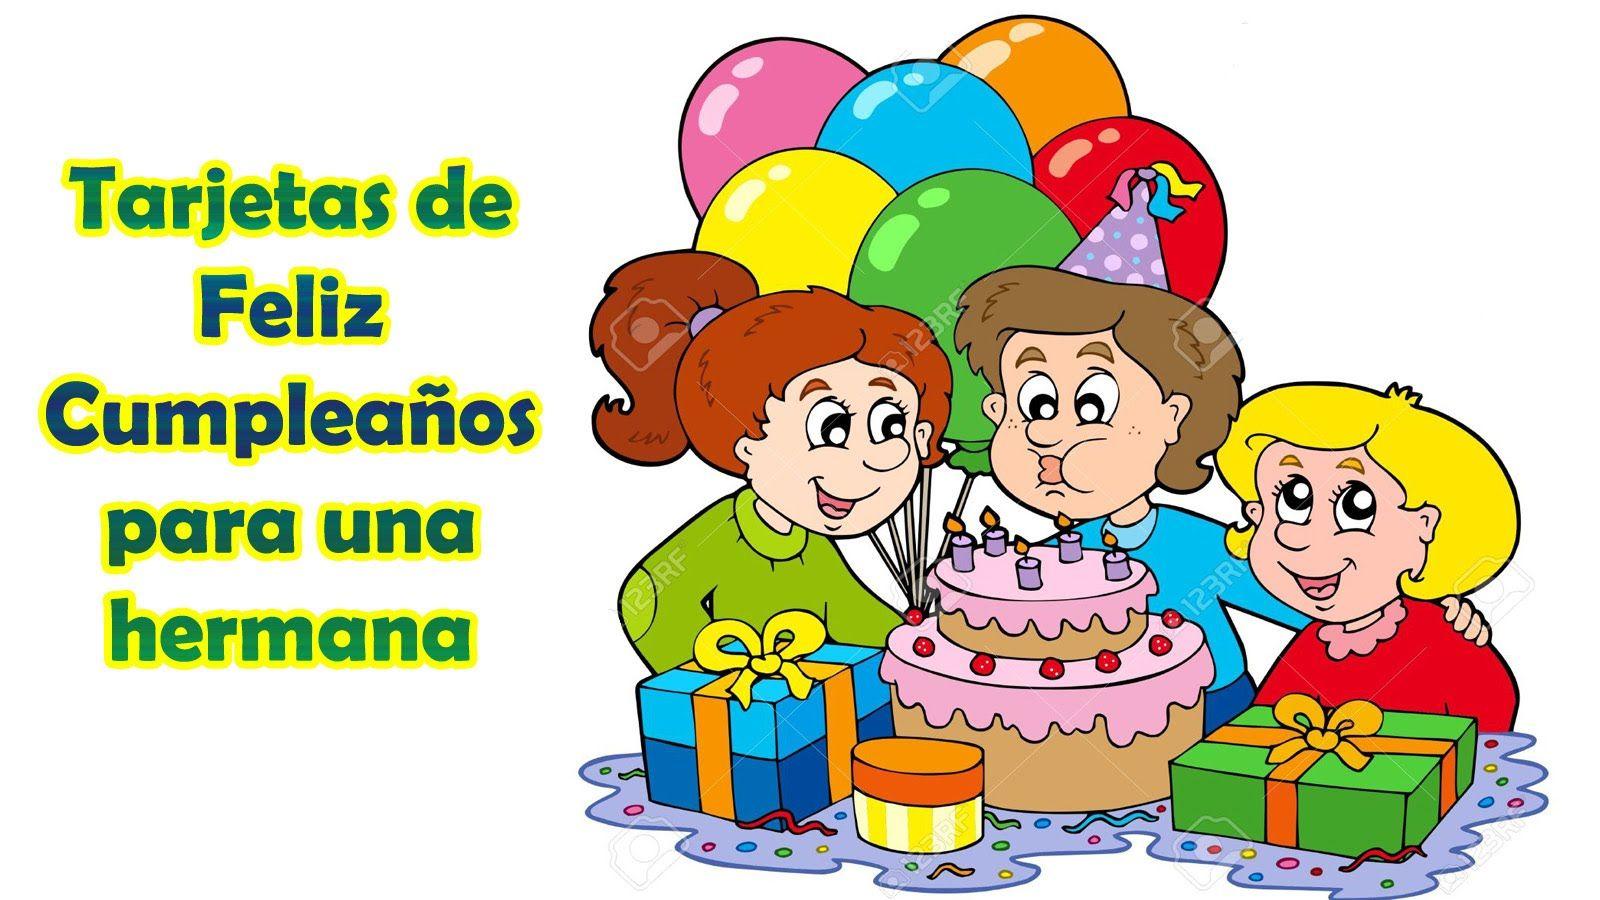 Tarjetas de Feliz Cumpleaños para una Hermana, Dios te bendiga por siempre http  frasesbonitas